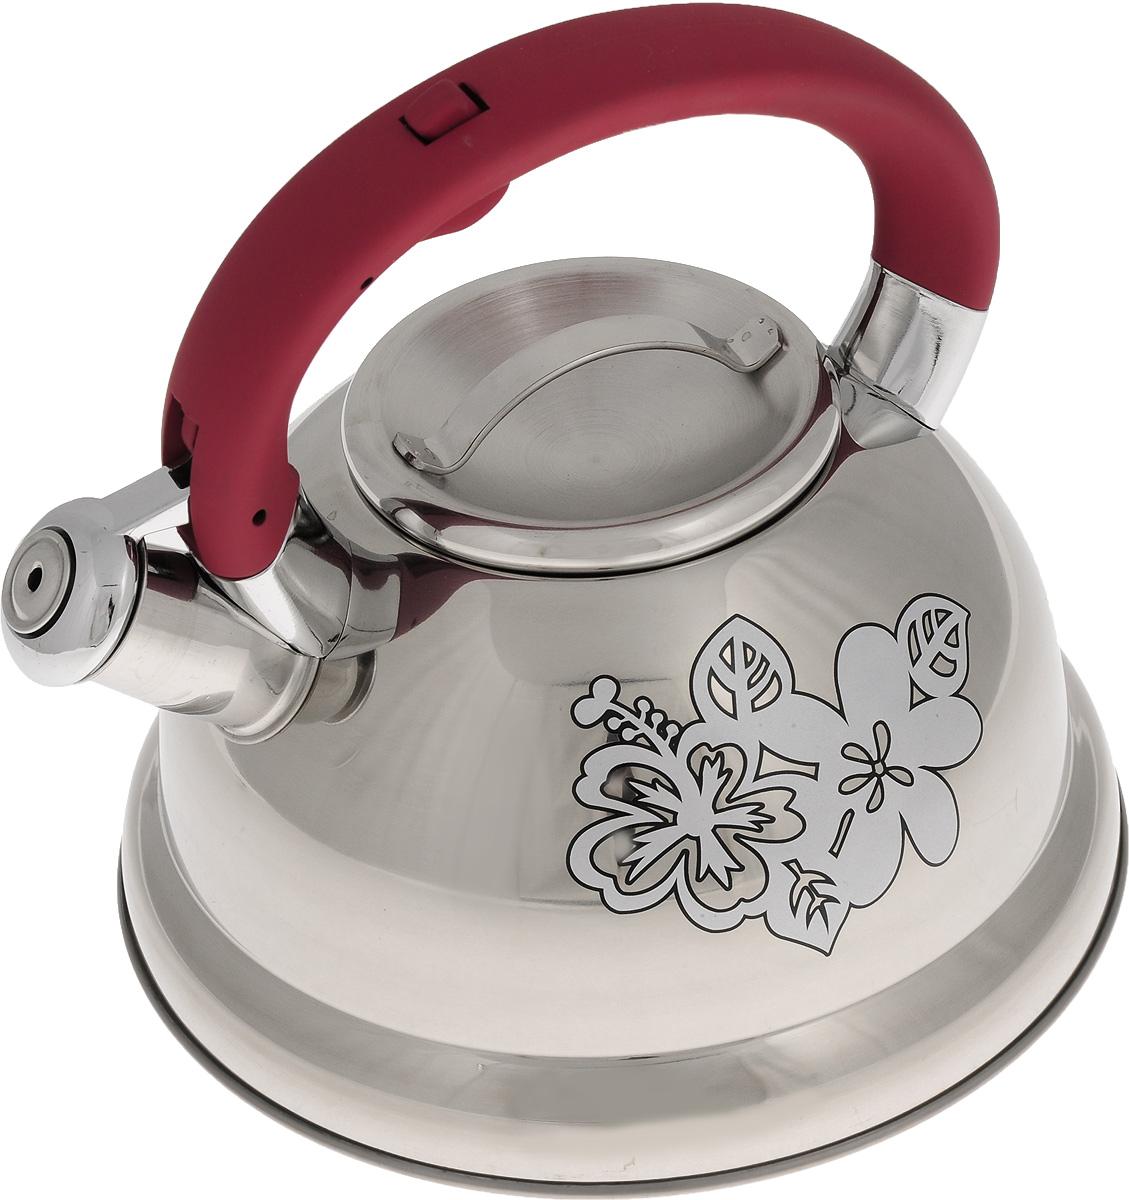 Чайник Mayer & Boch, со свистком, цвет: стальной, амарант, 2,6 л. 2278722787Чайник Mayer & Boch выполнен из высококачественной нержавеющей стали, что обеспечивает долговечность использования. Изделие оформлено изящным рисунком, который одновременно является индикатором цвета - при нагревании рисунок на корпусе меняет цвет. Ручка из бакелита делает использование чайника очень удобным и безопасным. Чайник снабжен свистком и кнопкой для открывания носика. Эстетичный и функциональный чайник будет оригинально смотреться в любом интерьере. Пригоден для использования на газовых, электрических, стеклокерамических и индукционных плитах. Можно мыть в посудомоечной машине. Диаметр чайника по верхнему краю: 10 см. Высота чайника (с учетом ручки): 20 см. Высота чайника (без учета ручки): 11,3 см.